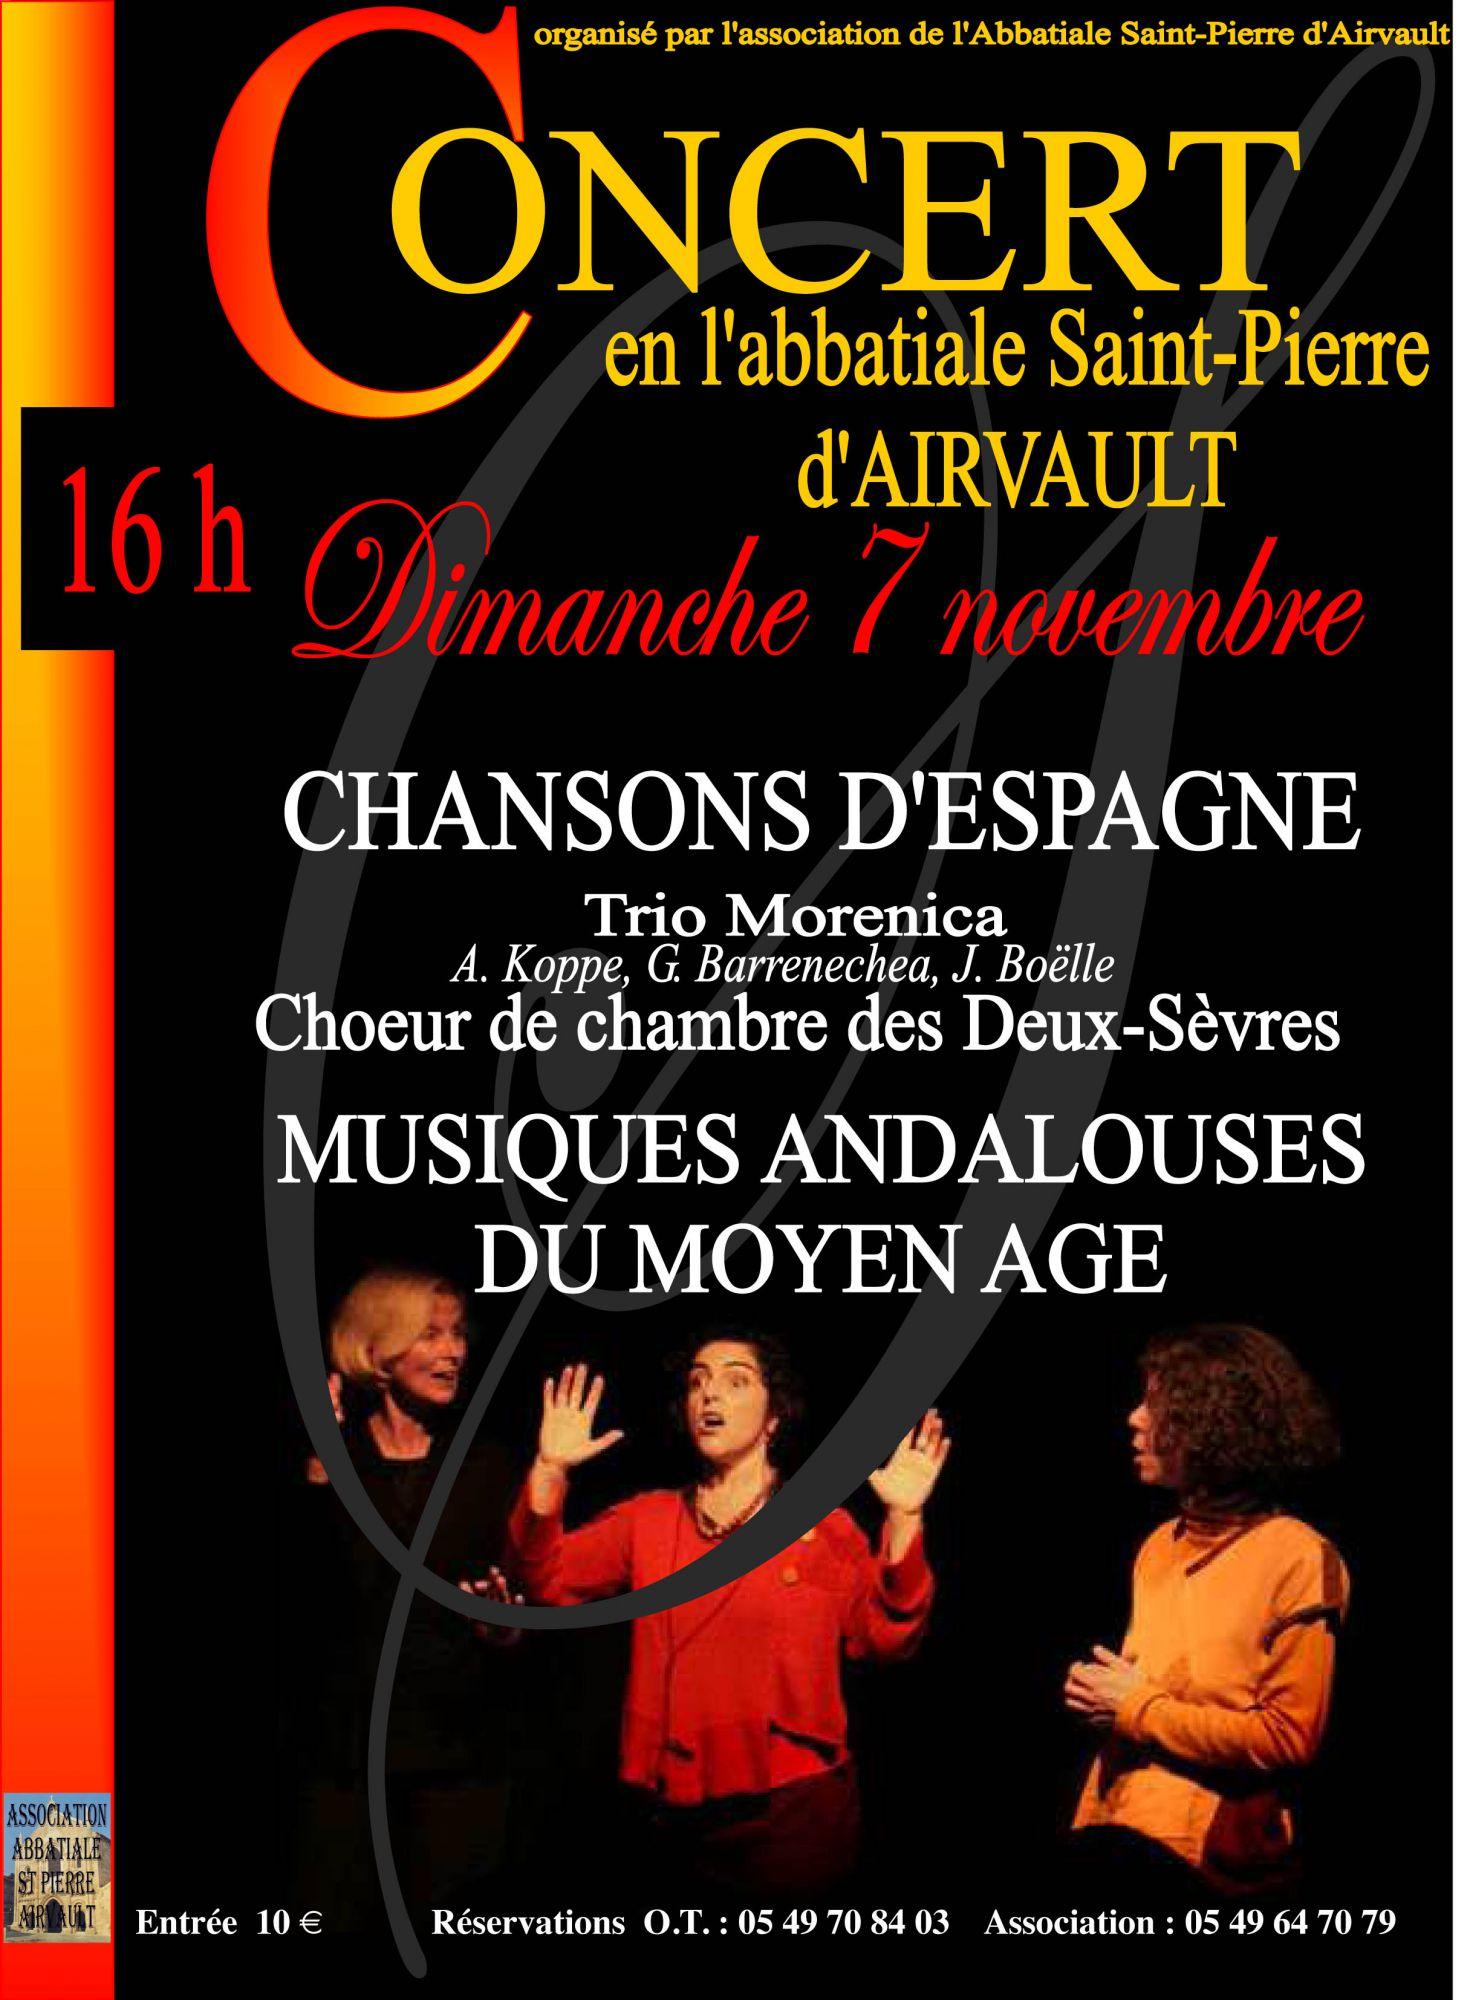 Chansons d'Espagne 2010